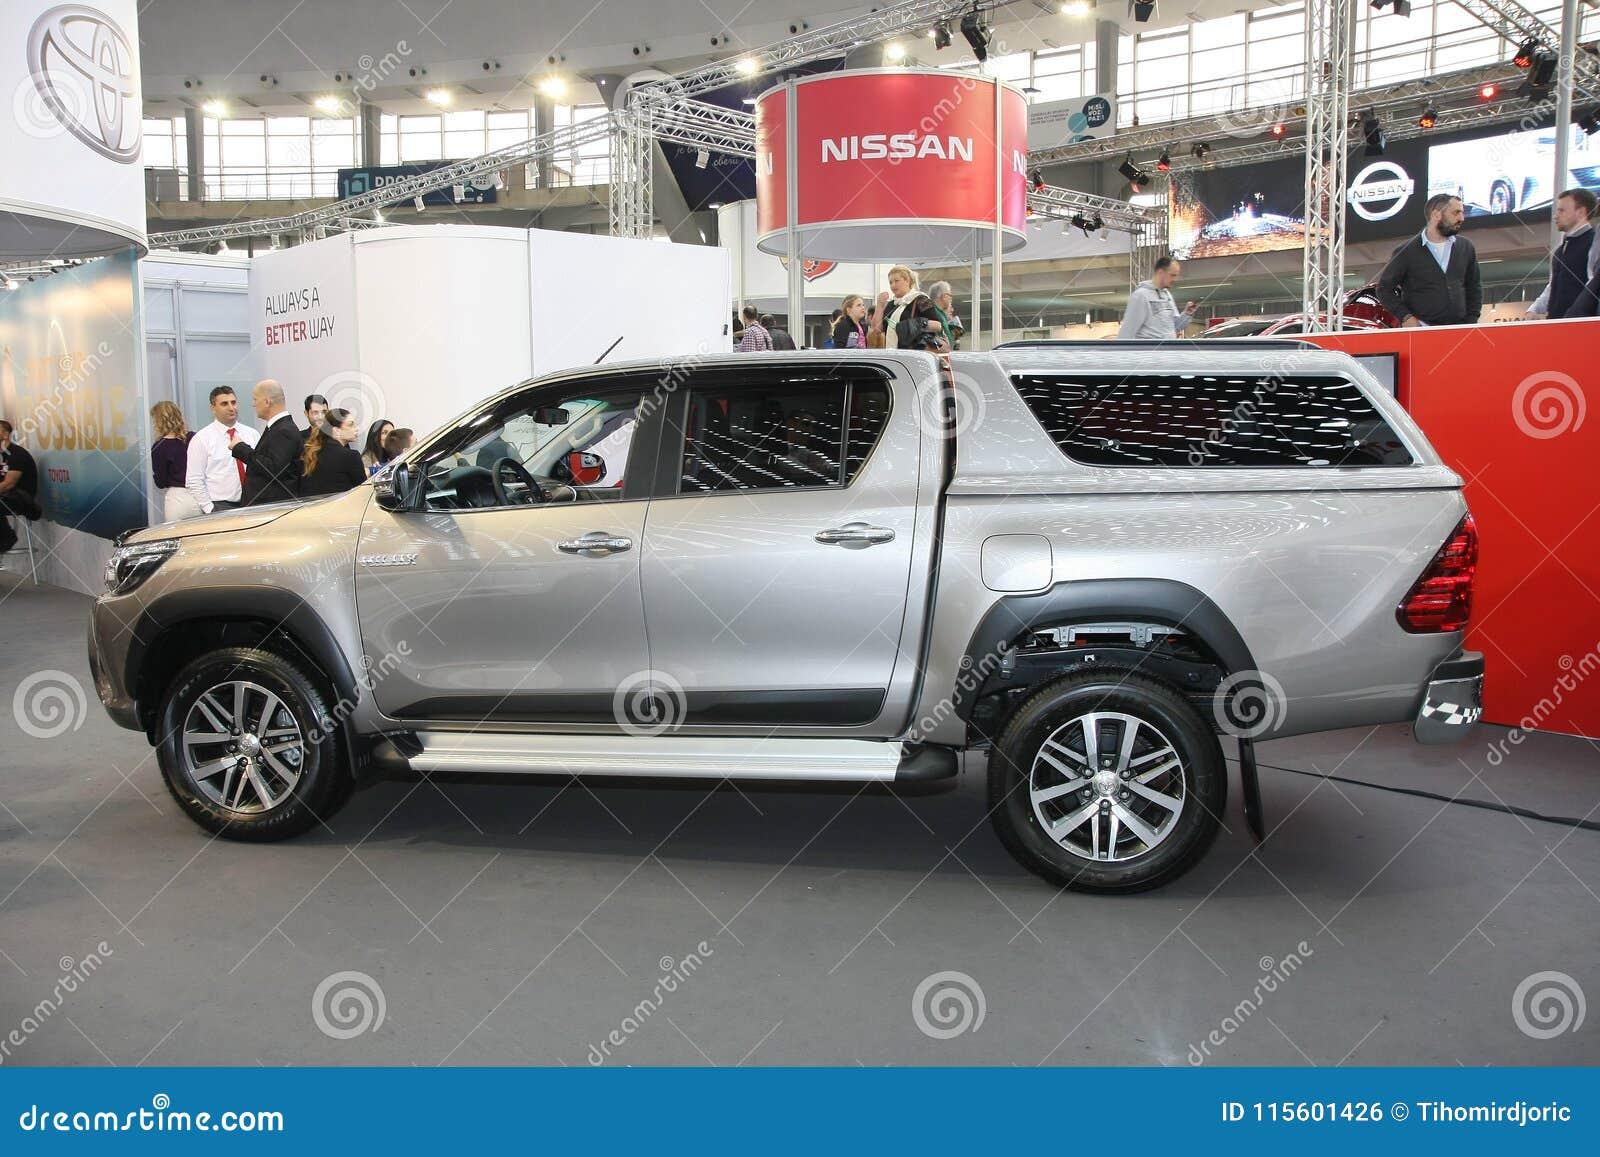 Toyota At Belgrade Car Show Editorial Photo Image Of Trade - 2018 car show dc